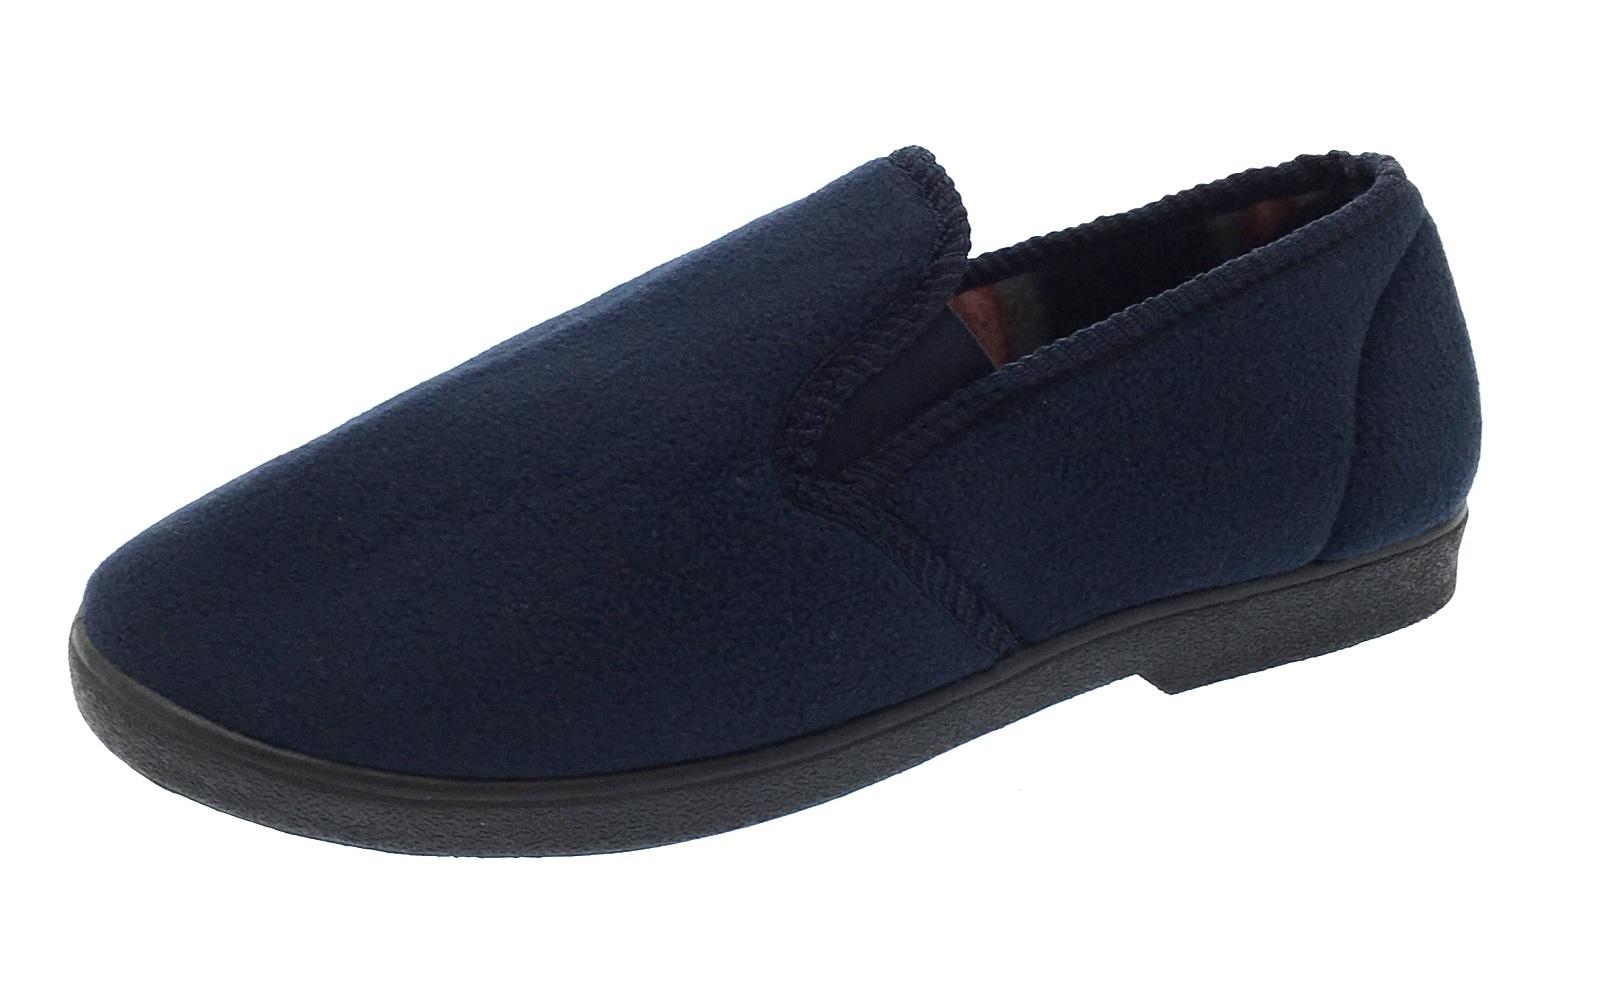 mens luxury fleece slippers warm lined slip on gents flat